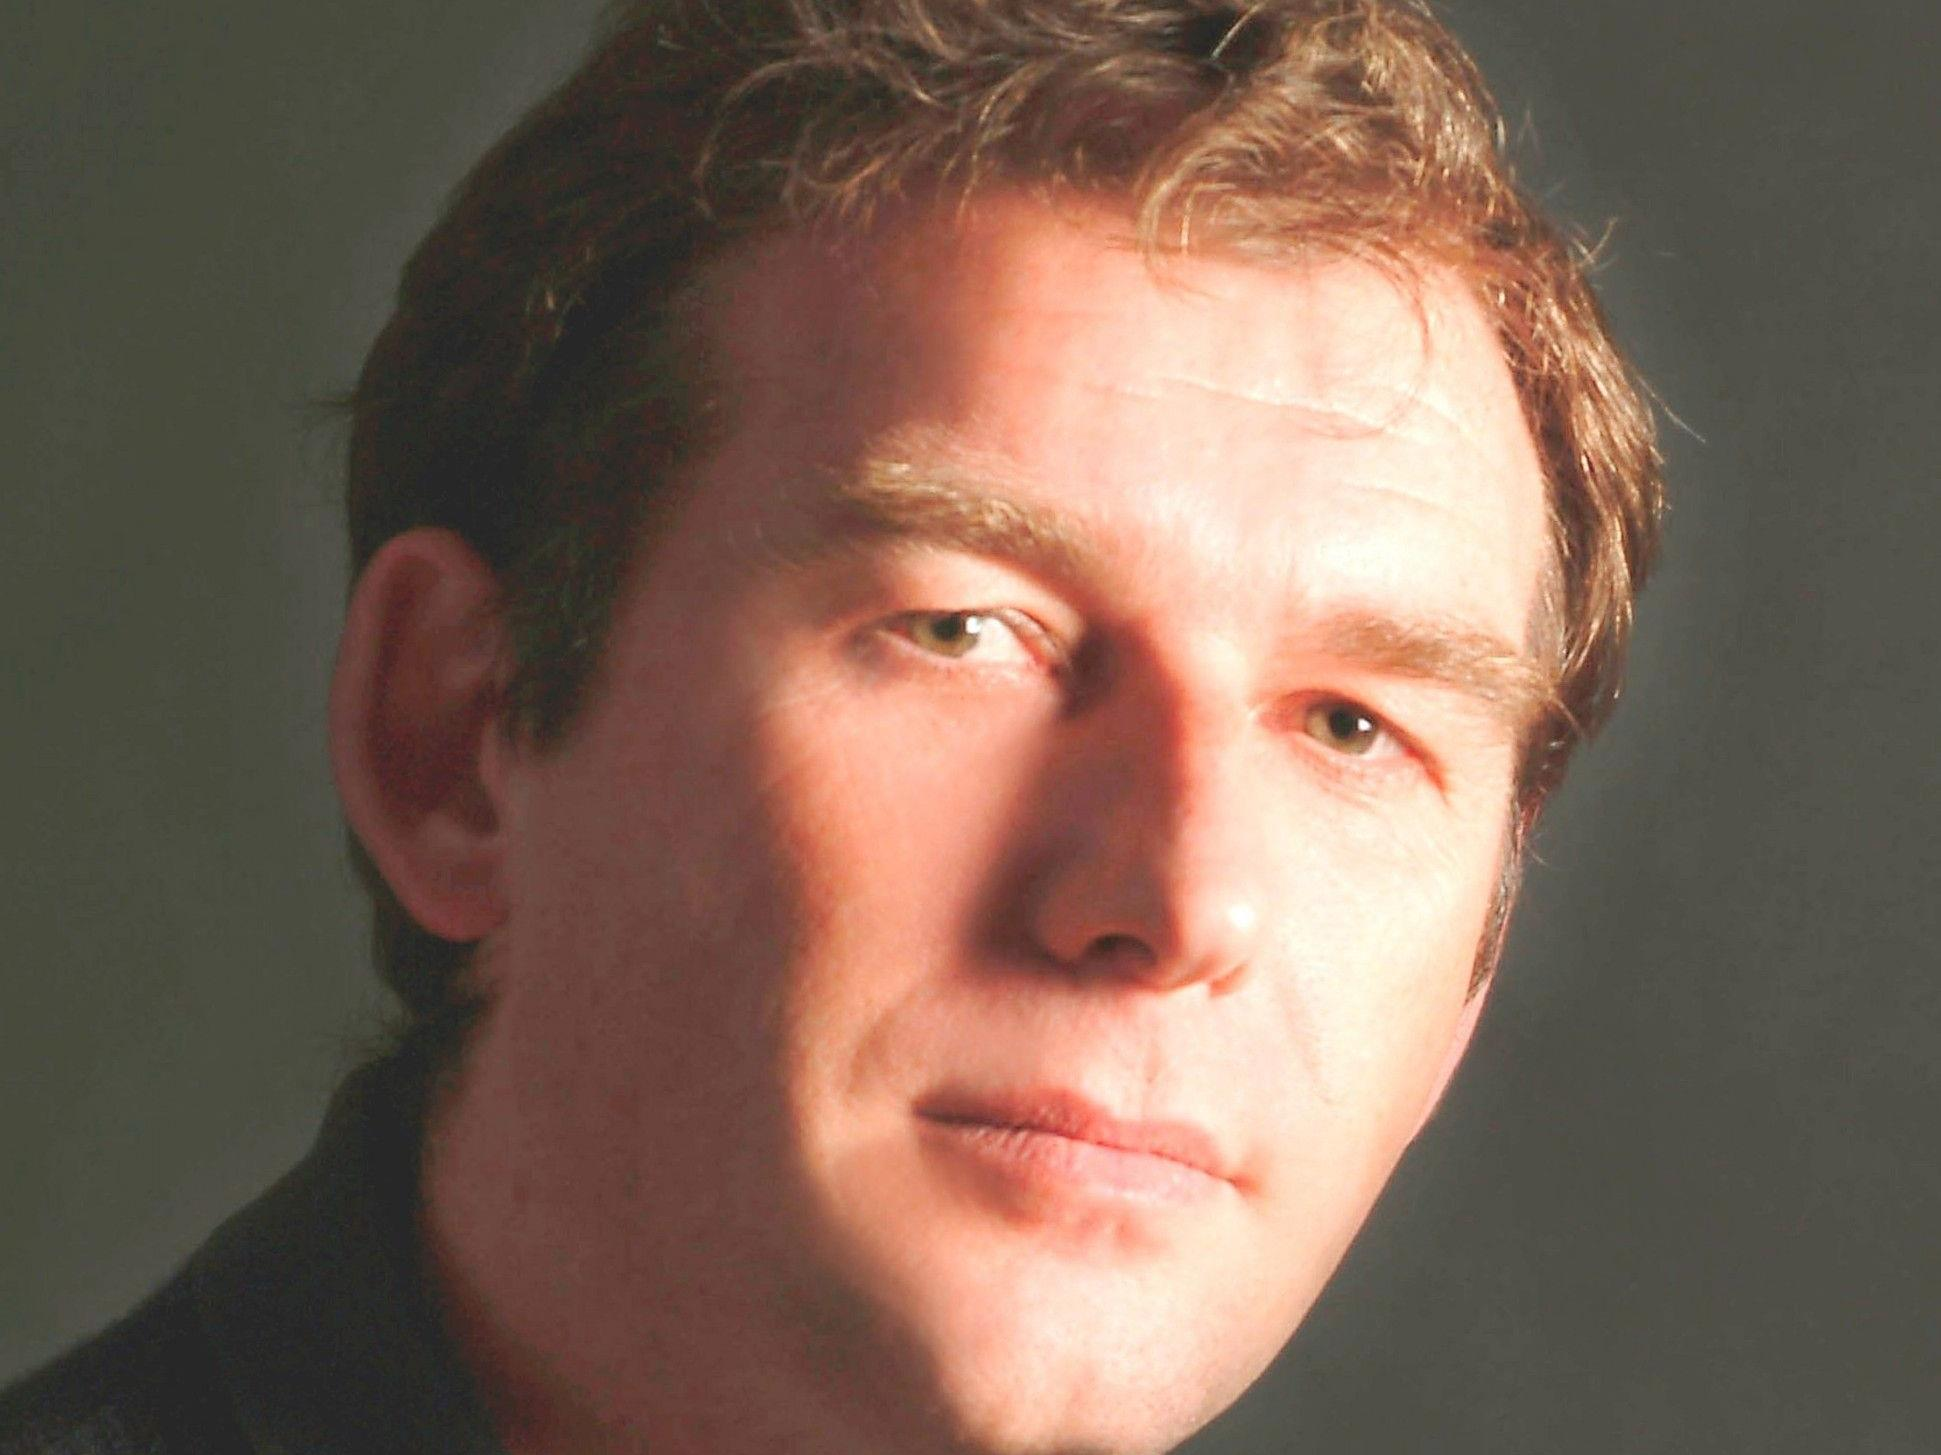 Am 23. Oktober lädt Michael Kögler zum gemeinsamen Austausch in die Fähre.